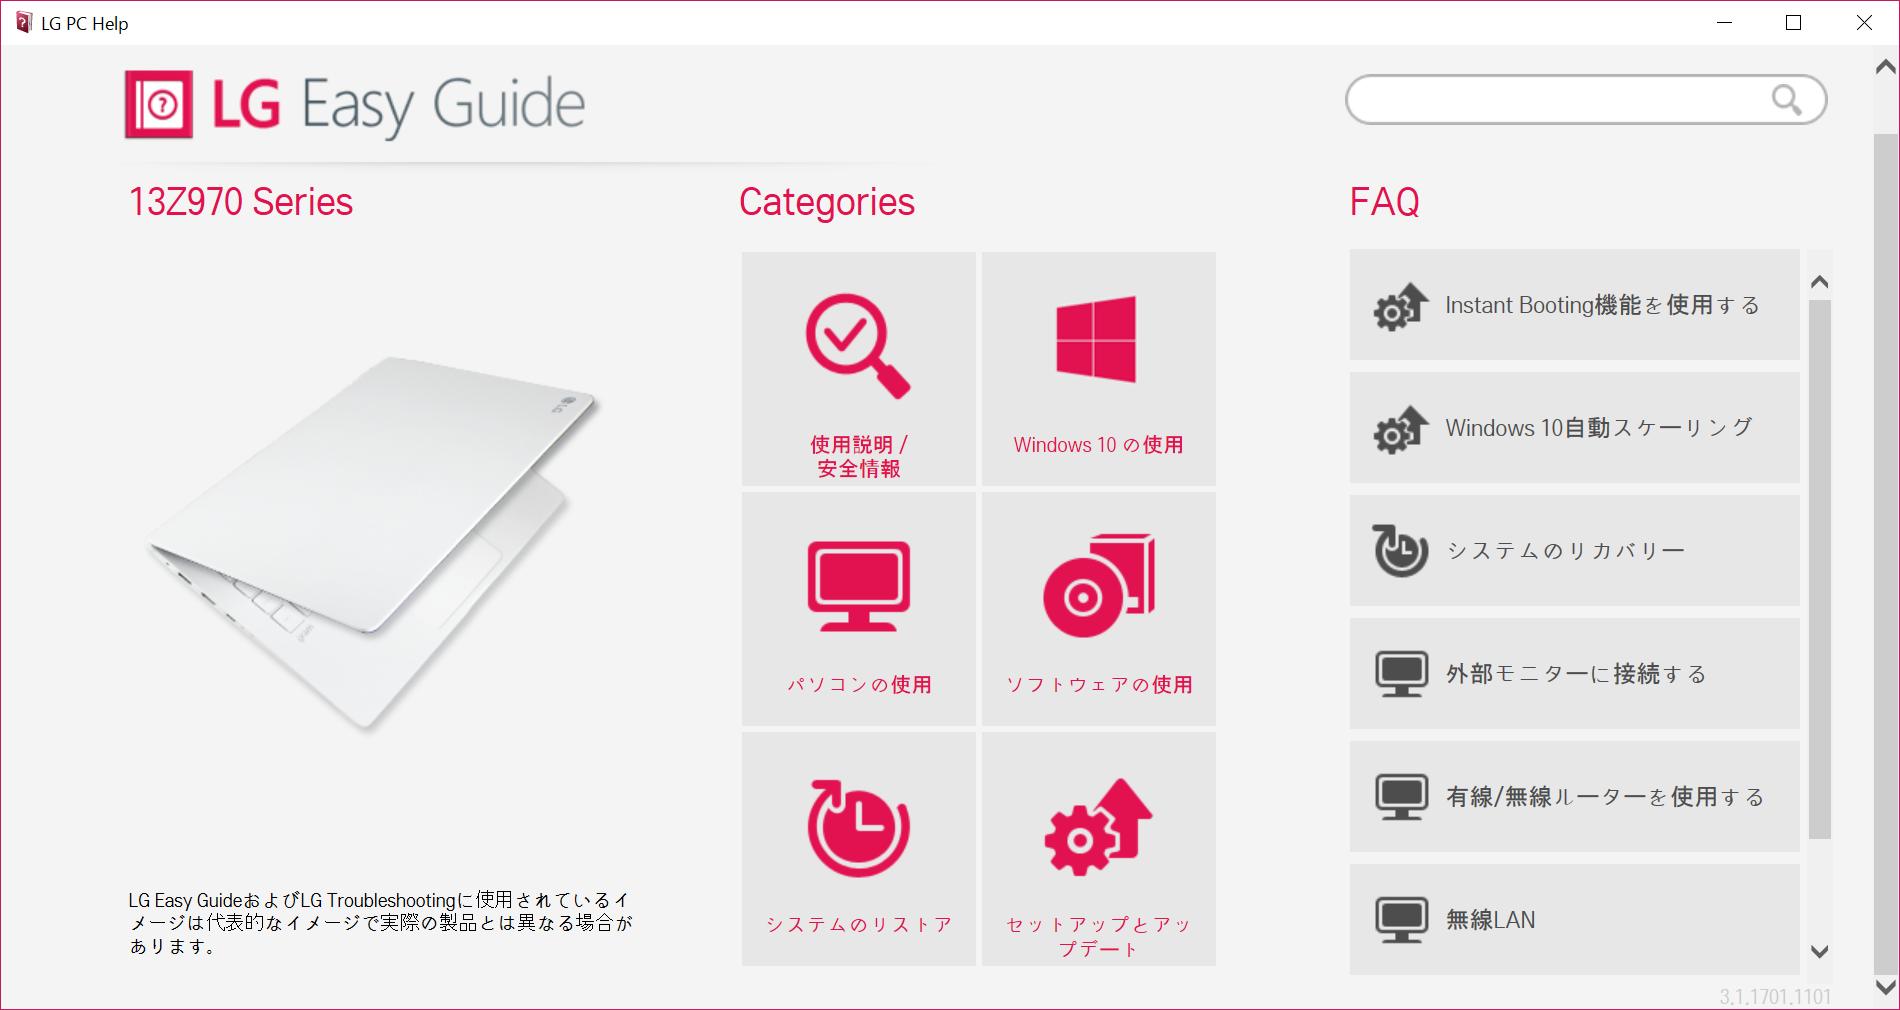 基本的な使い方を解説する「LG Easy Guide」